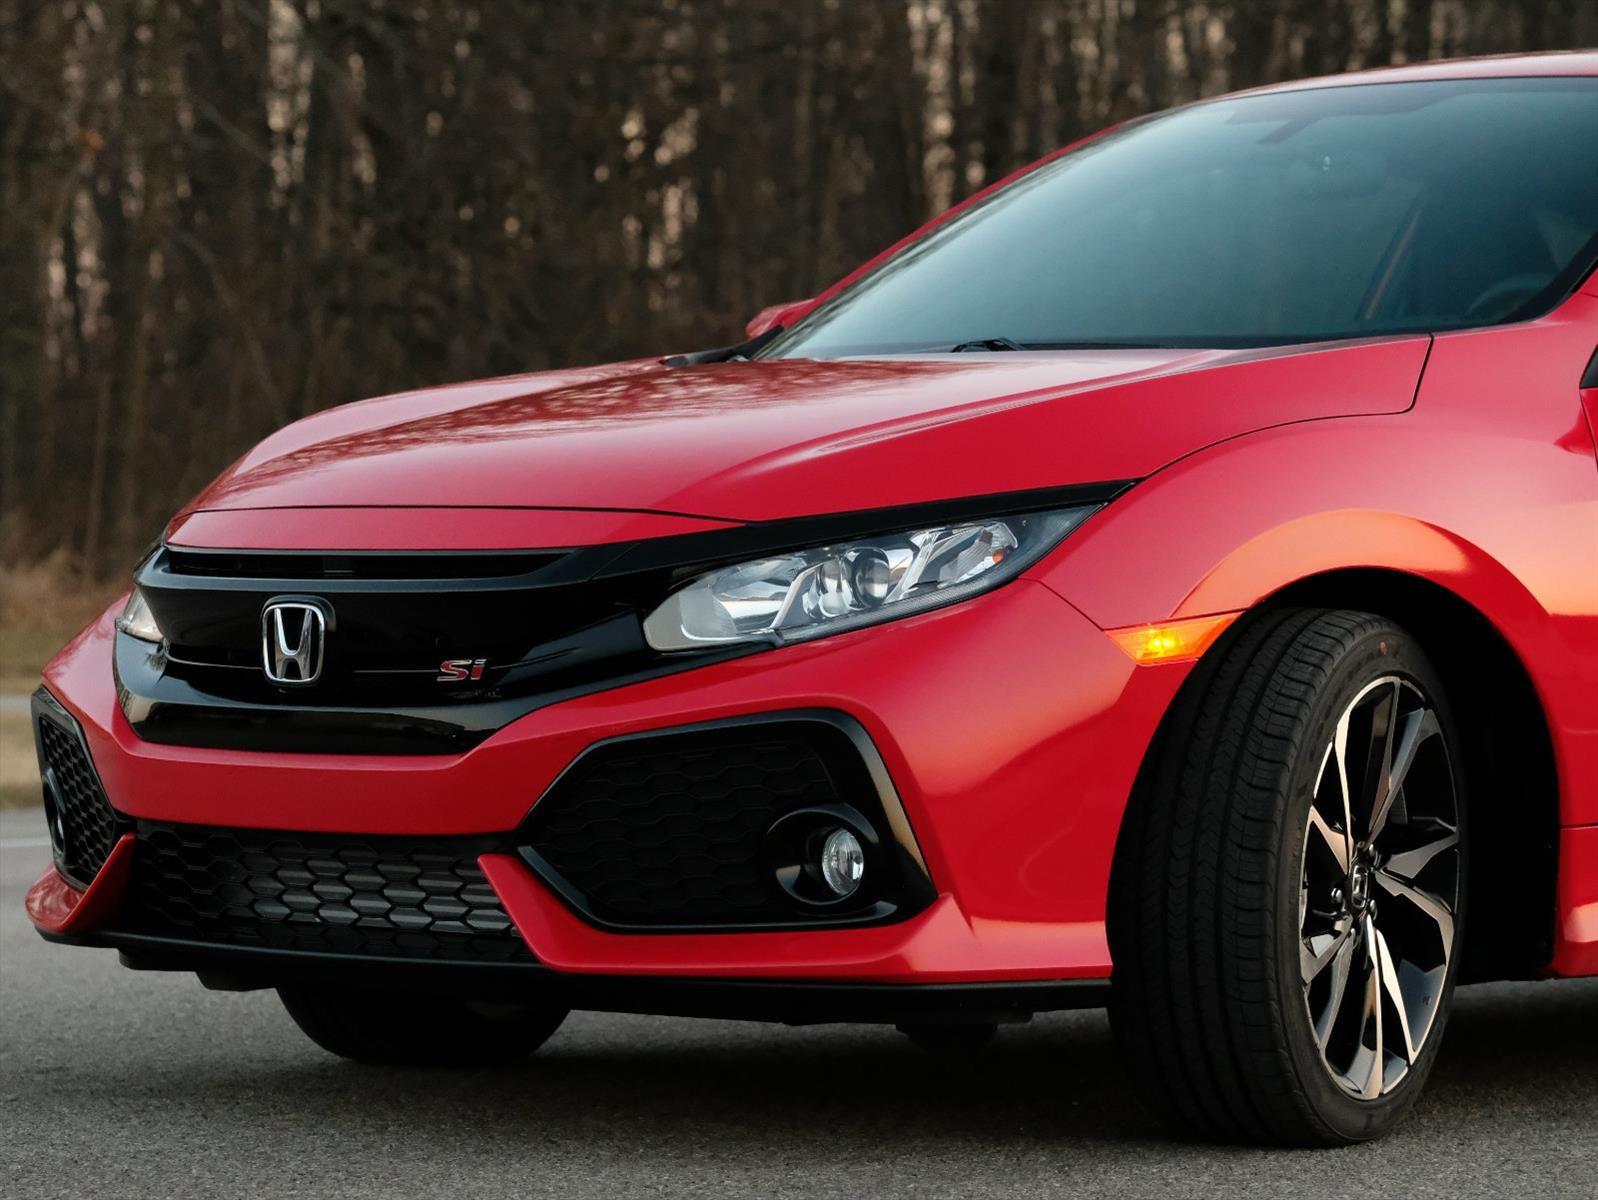 Honda incrementa exponencialmente sus beneficios operativos